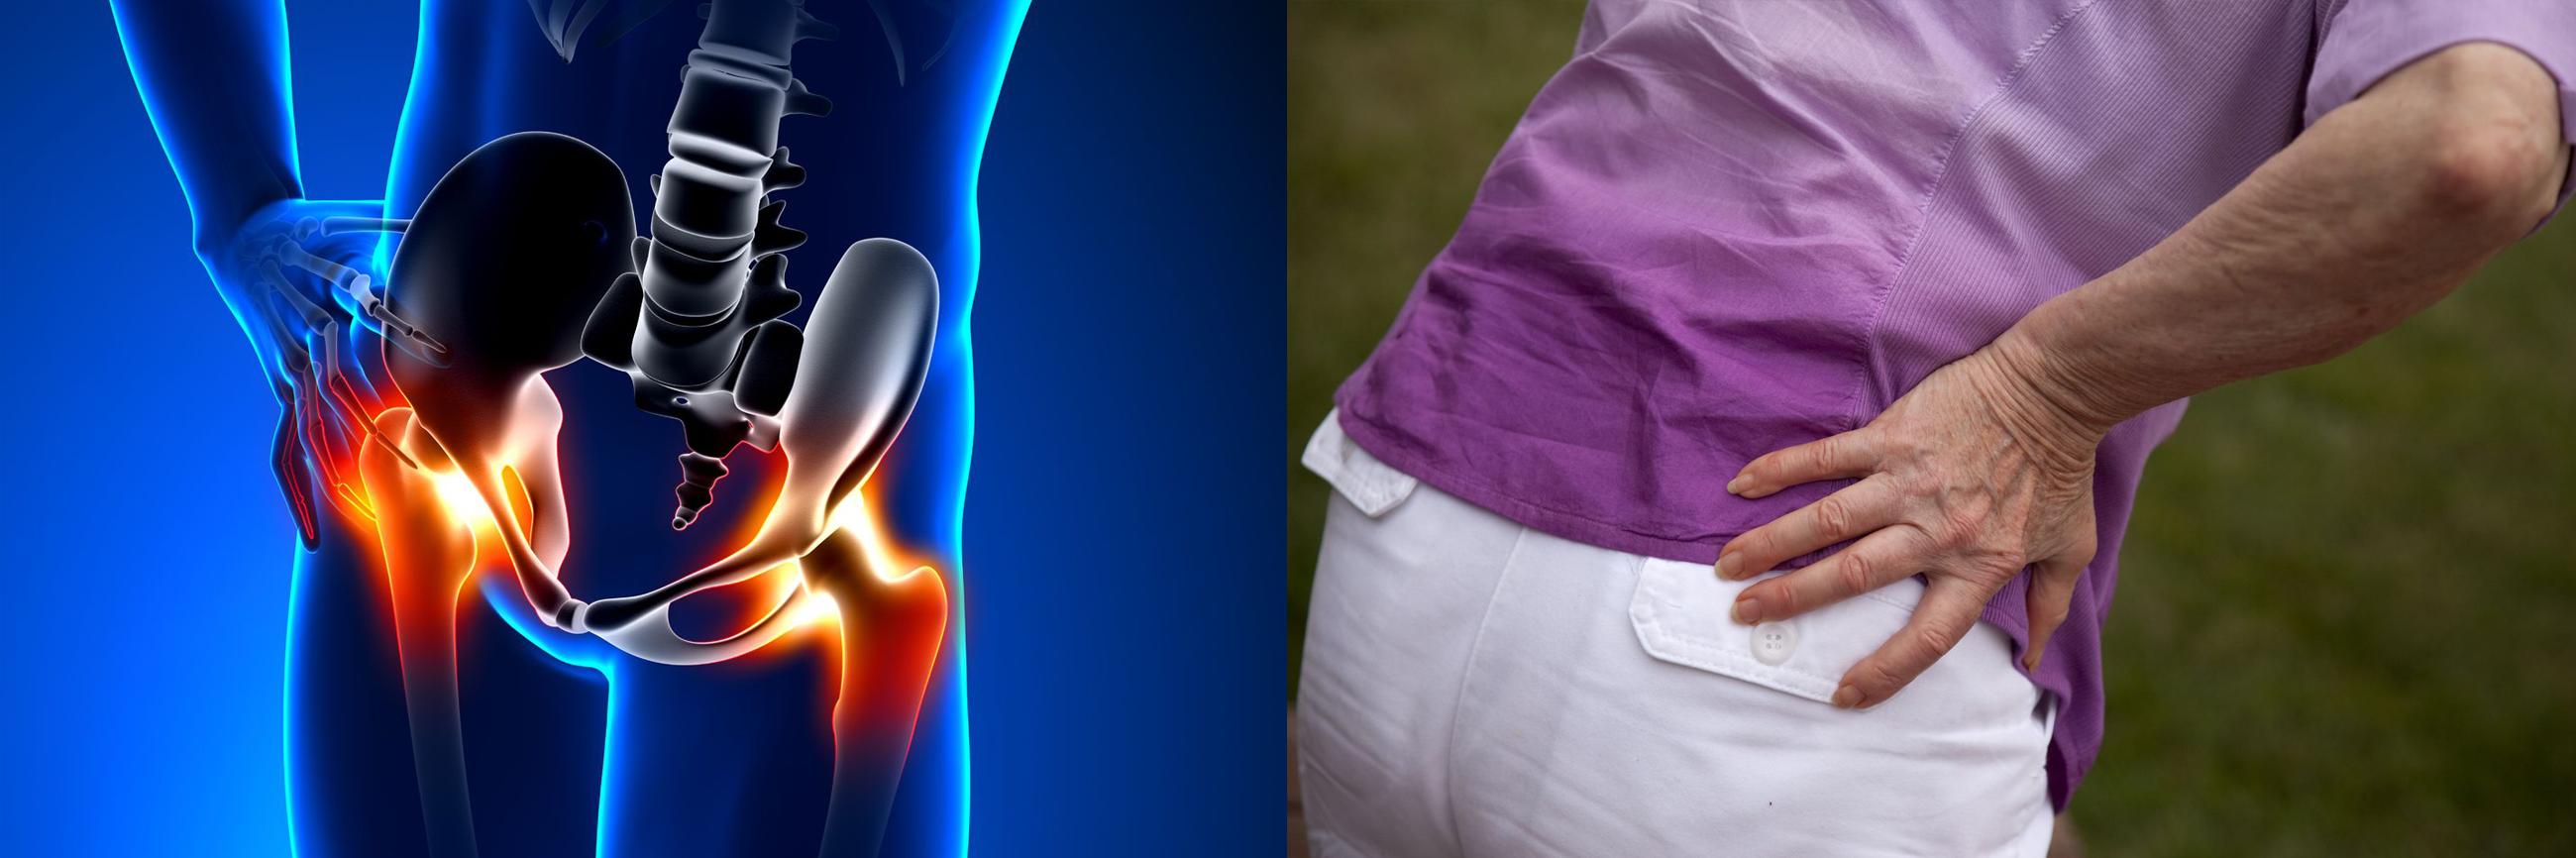 fáj a csípőízületekben ízületi fájdalom a mandulák eltávolítása után